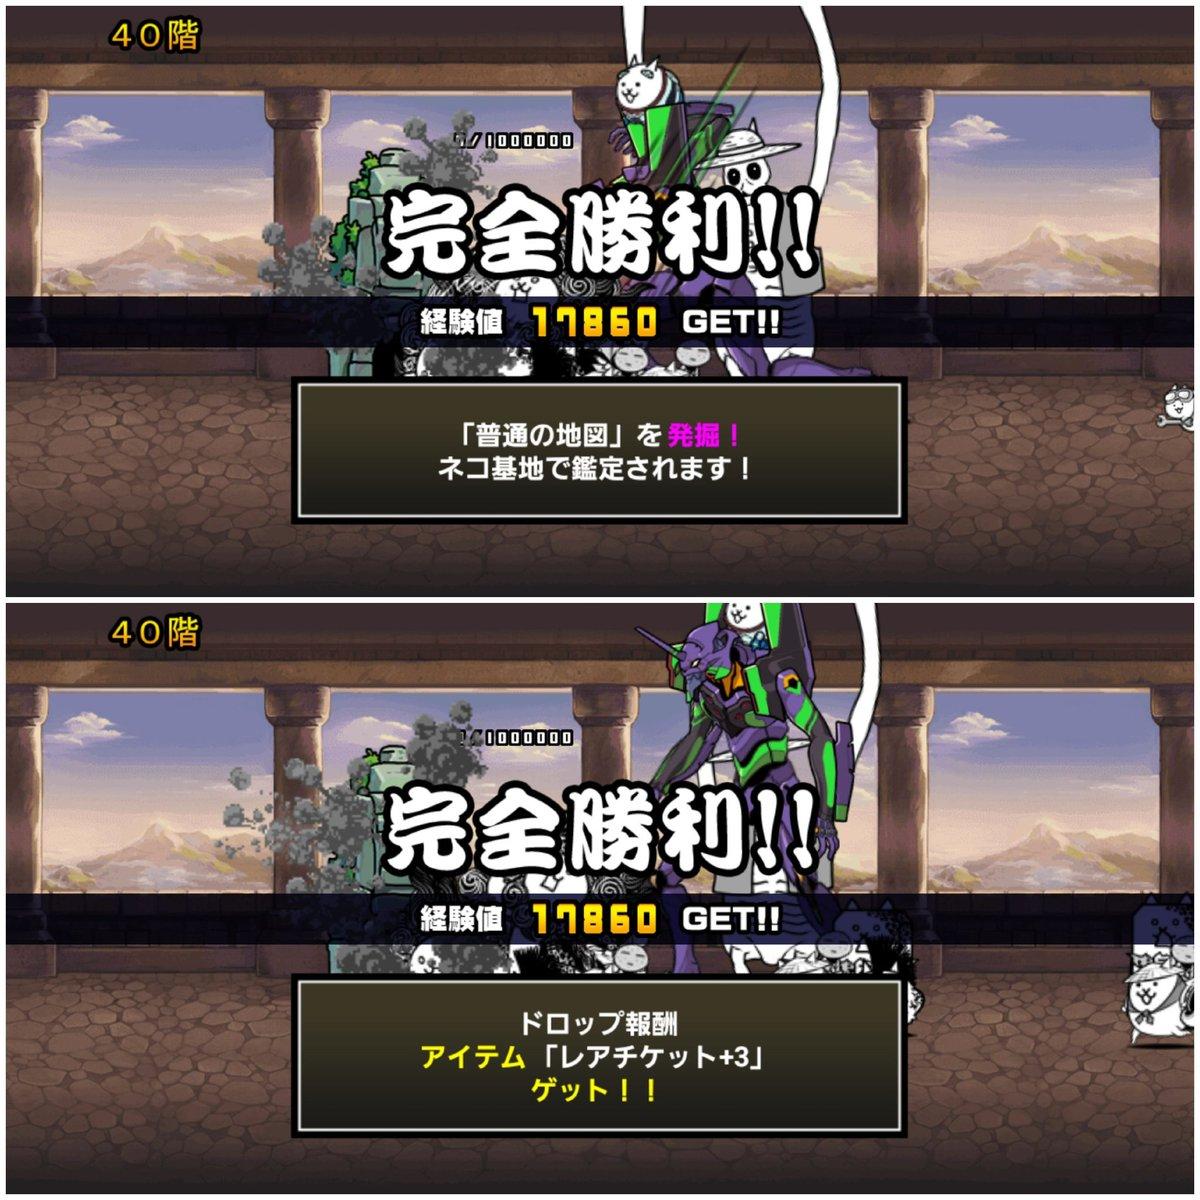 32 階 にゃんこ 大 戦争